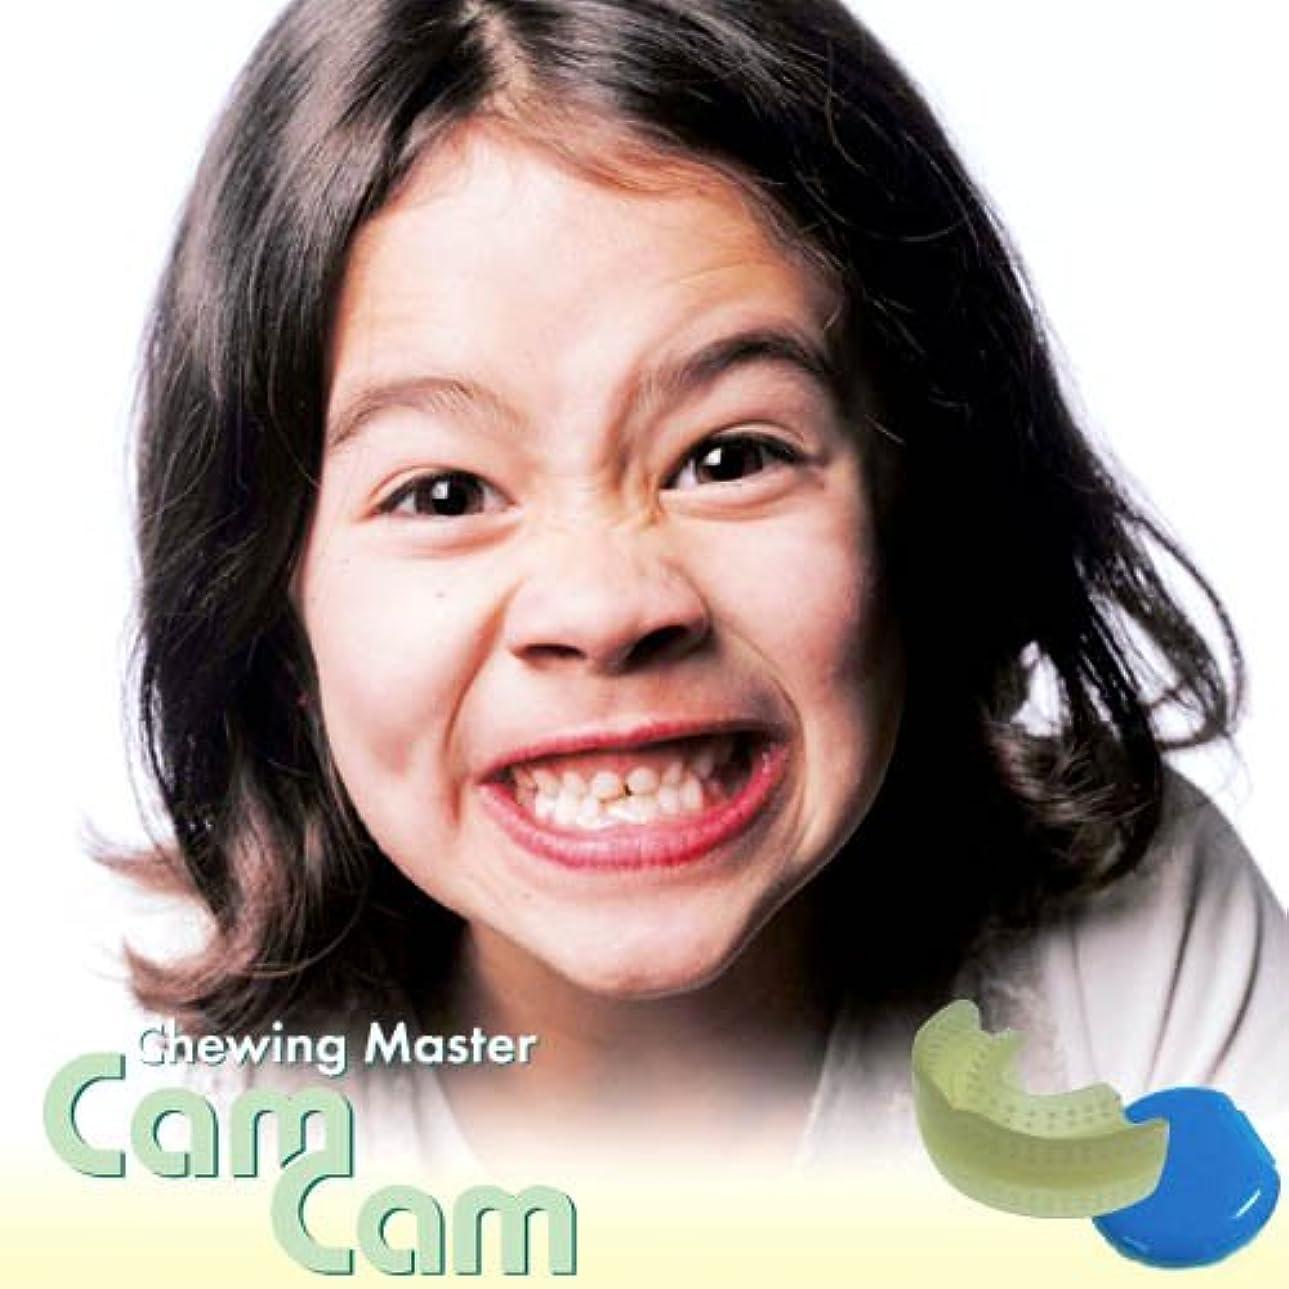 歯科医師開発 口腔筋機能トレーニングマウスピース【CamCam ST】カムカム (ブルー) 乳歯列期から混合歯列期用